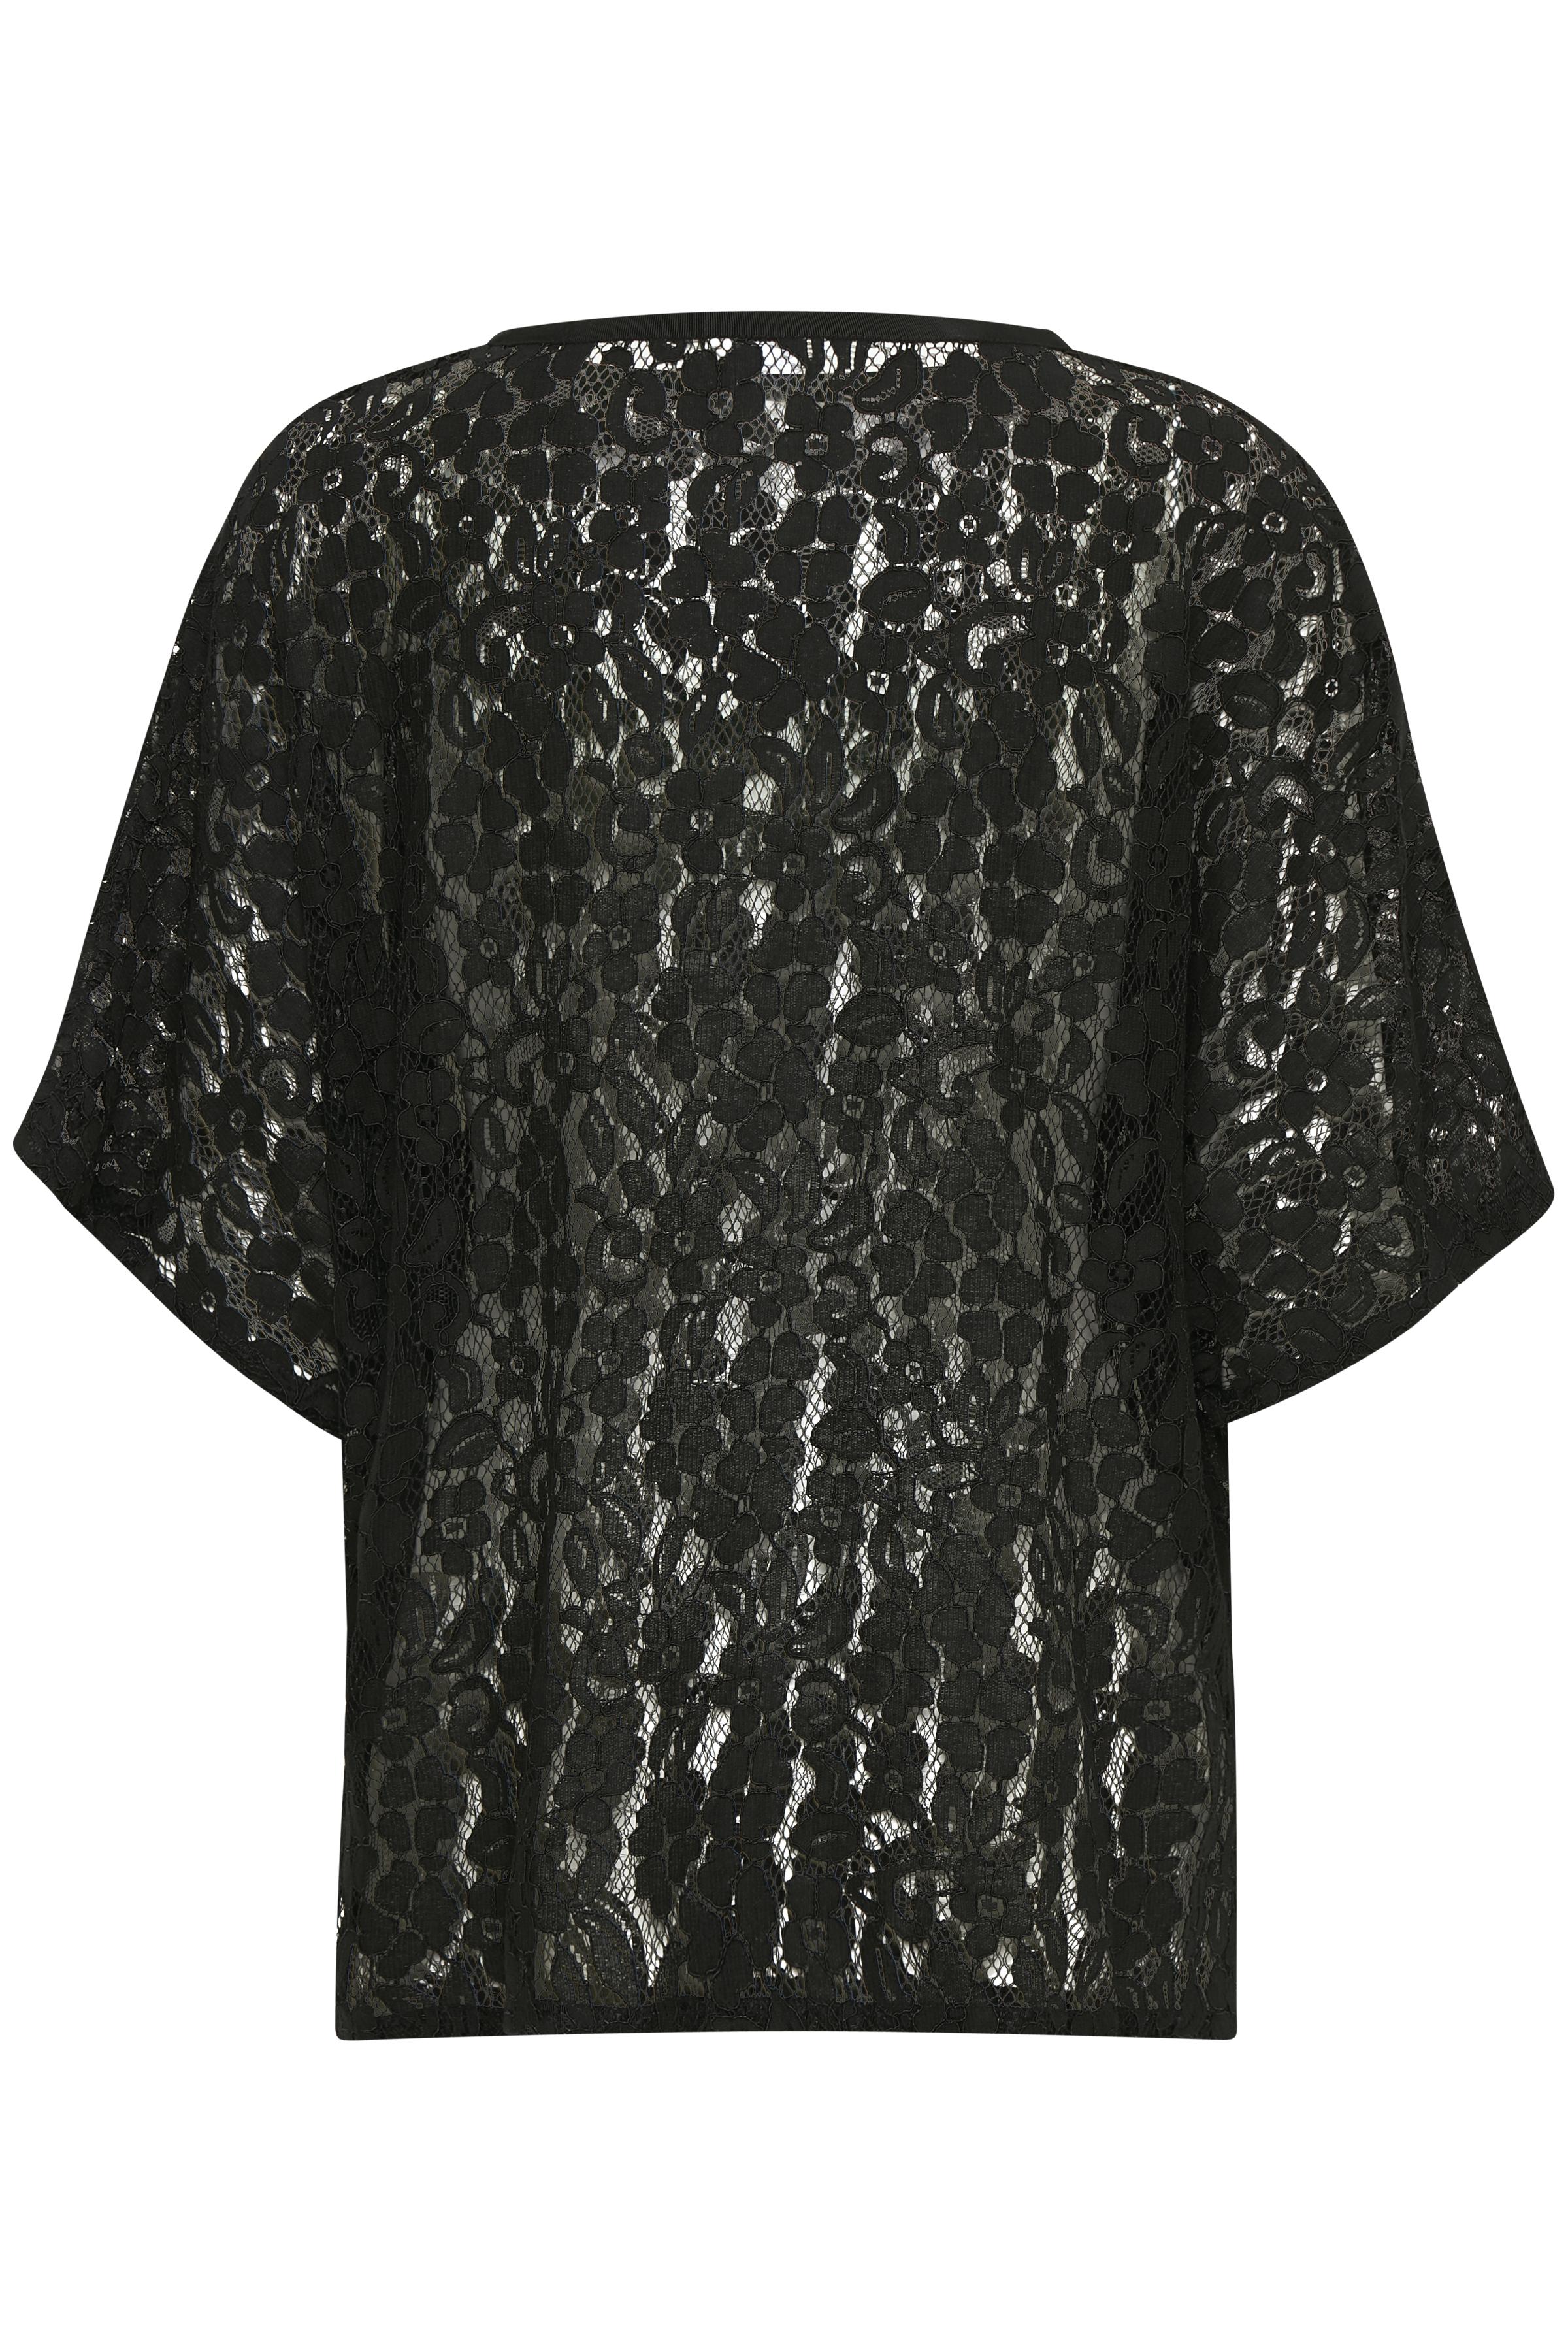 Sort Kortærmet bluse  fra Bon'A Parte – Køb Sort Kortærmet bluse  fra str. S-2XL her